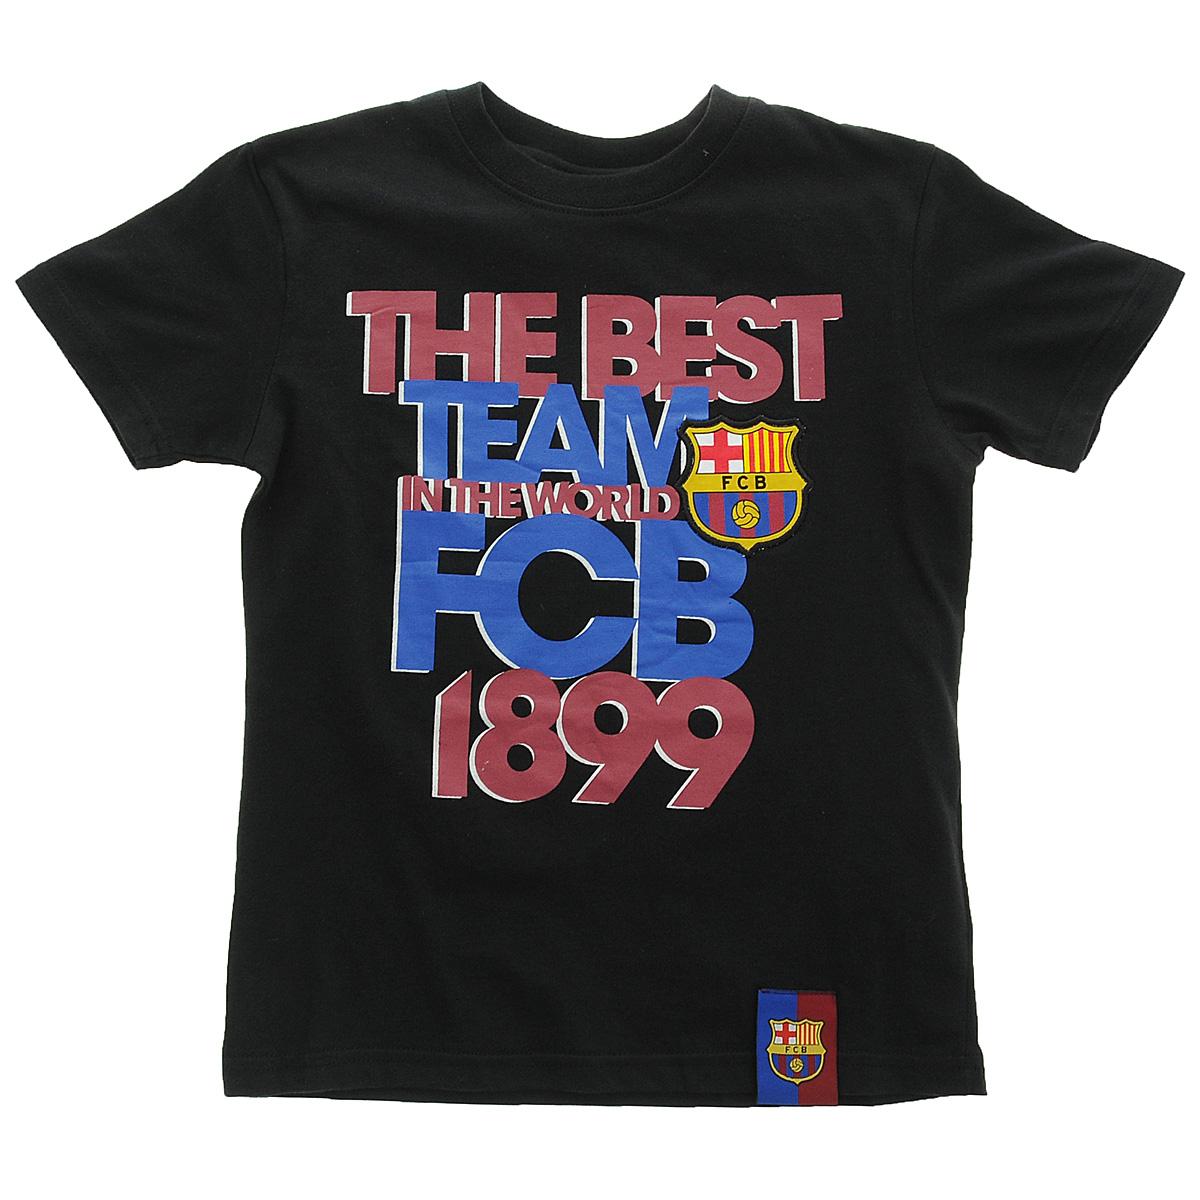 Футболка детская FC Barcelona - The Best Team (130130)130130Детская футболка классического кроя с короткими рукавами и круглым вырезом горловины на груди оформлена оригинальным принтом в виде надписи The Best Team in The World FCB 1899 и шевроном в виде логотипа футбольного клуба Barcelona. Изготовлена из натурального хлопка, необычайно мягкого и приятного на ощупь, не сковывает движения и позволяет коже дышать. Не раздражает даже самую нежную и чувствительную кожу, обеспечивая наибольший комфорт. Идеальный вариант для повседневной носки!